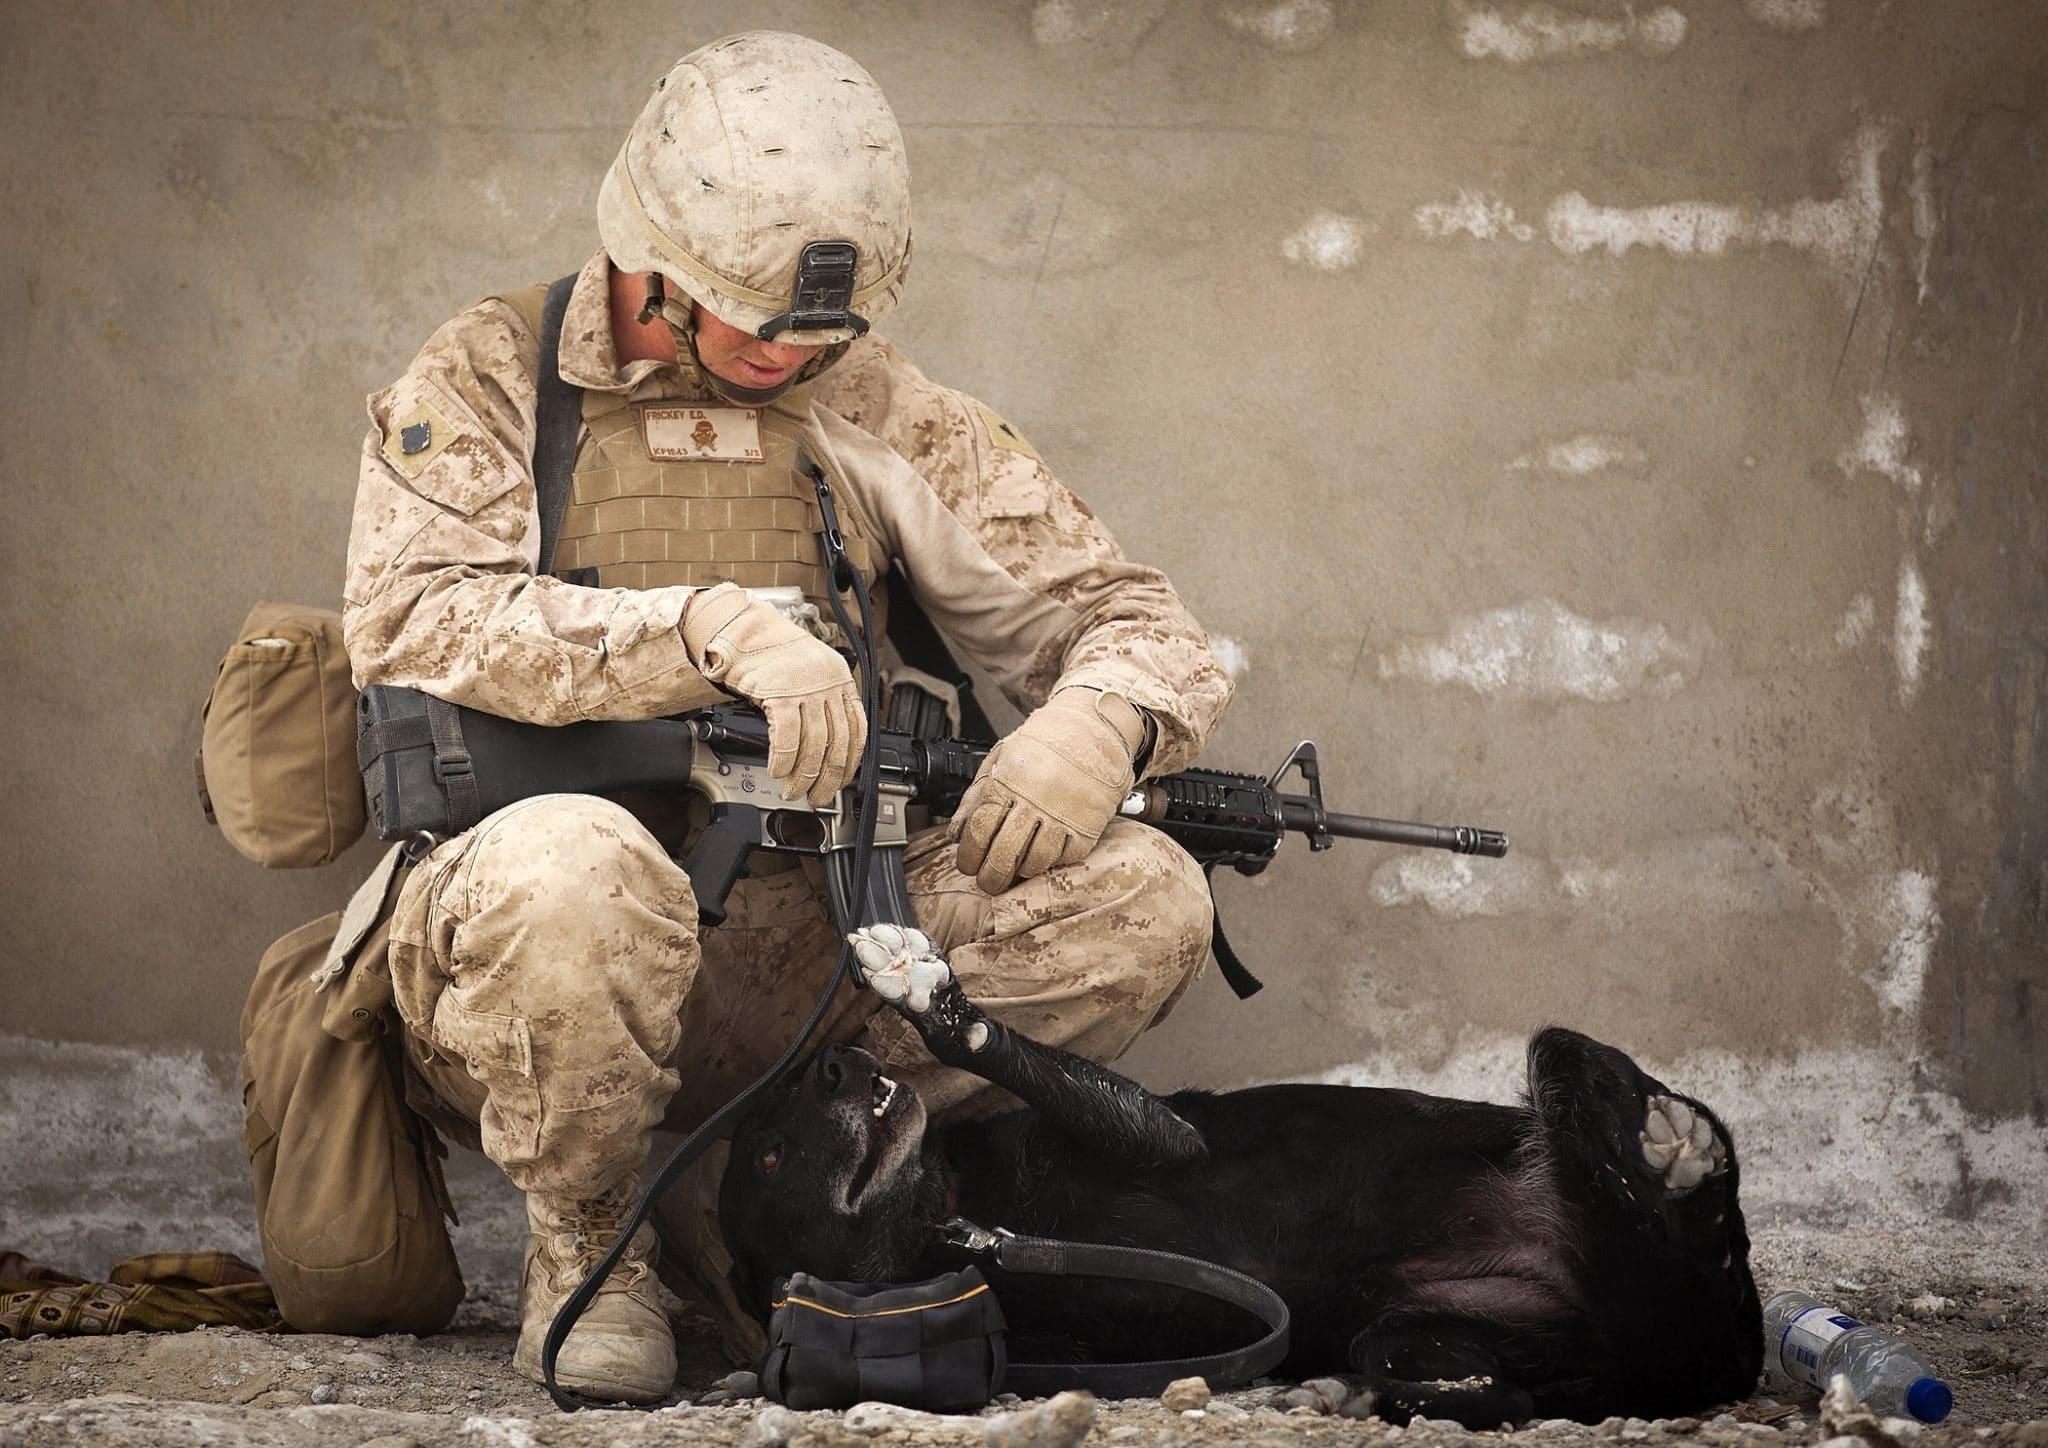 Śpiący w kuckach żołnierz z psem